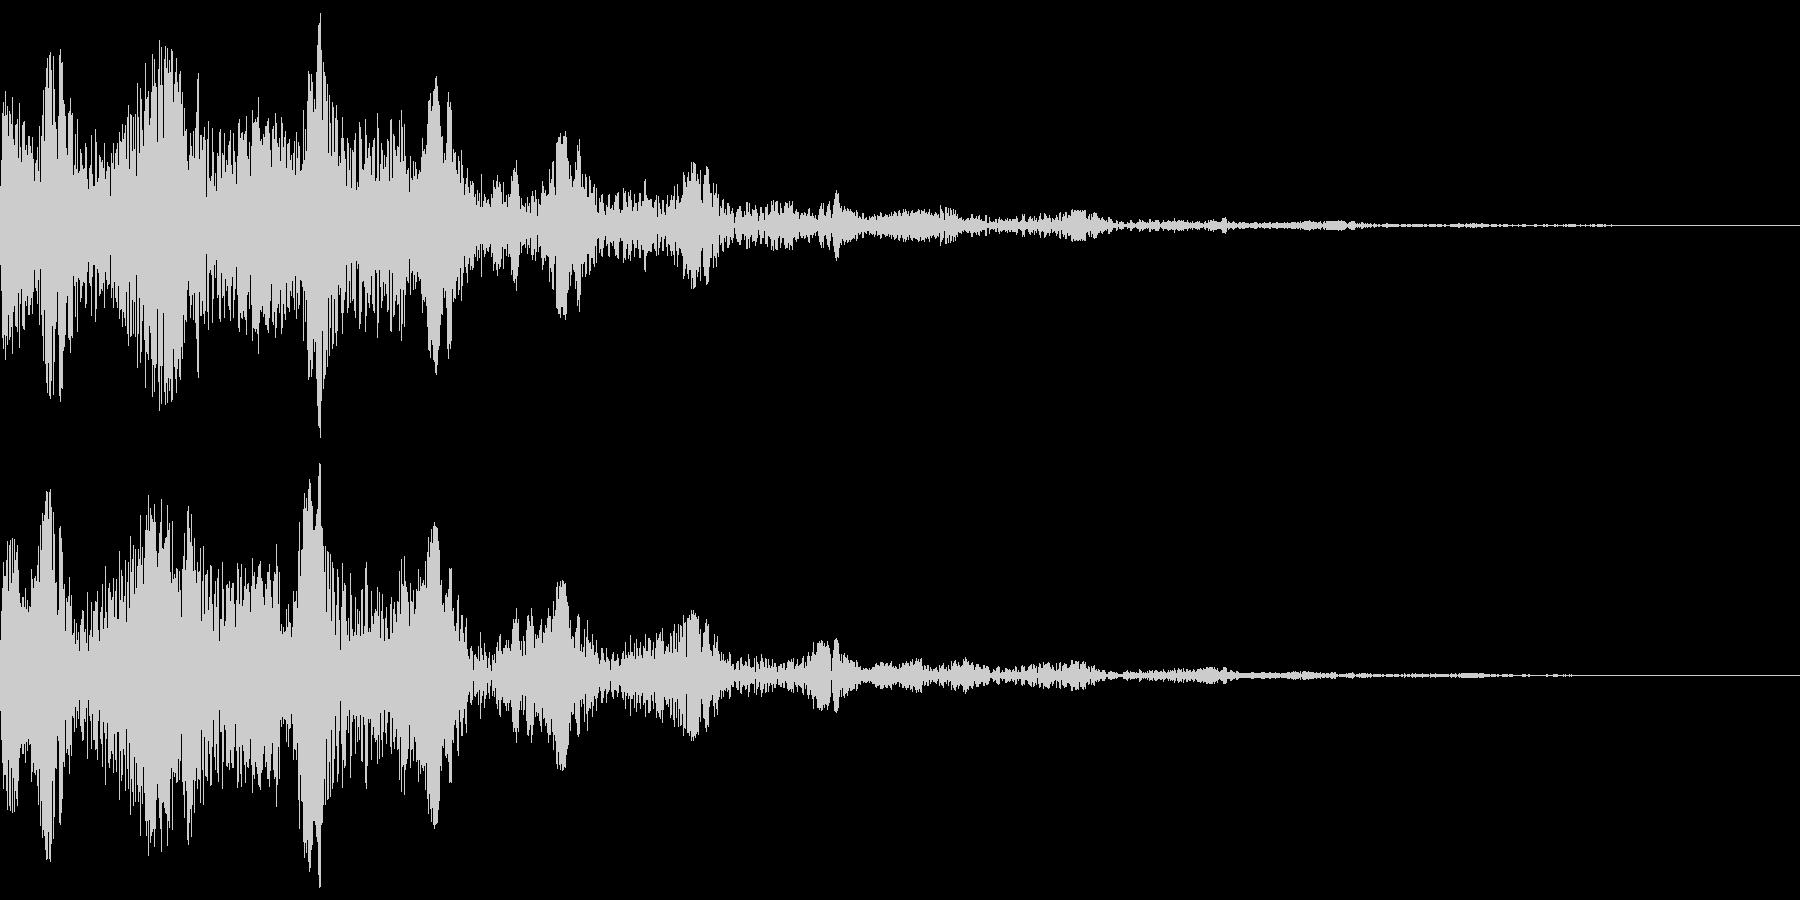 ピニョニョ(エフェクト_パワーダウン)の未再生の波形